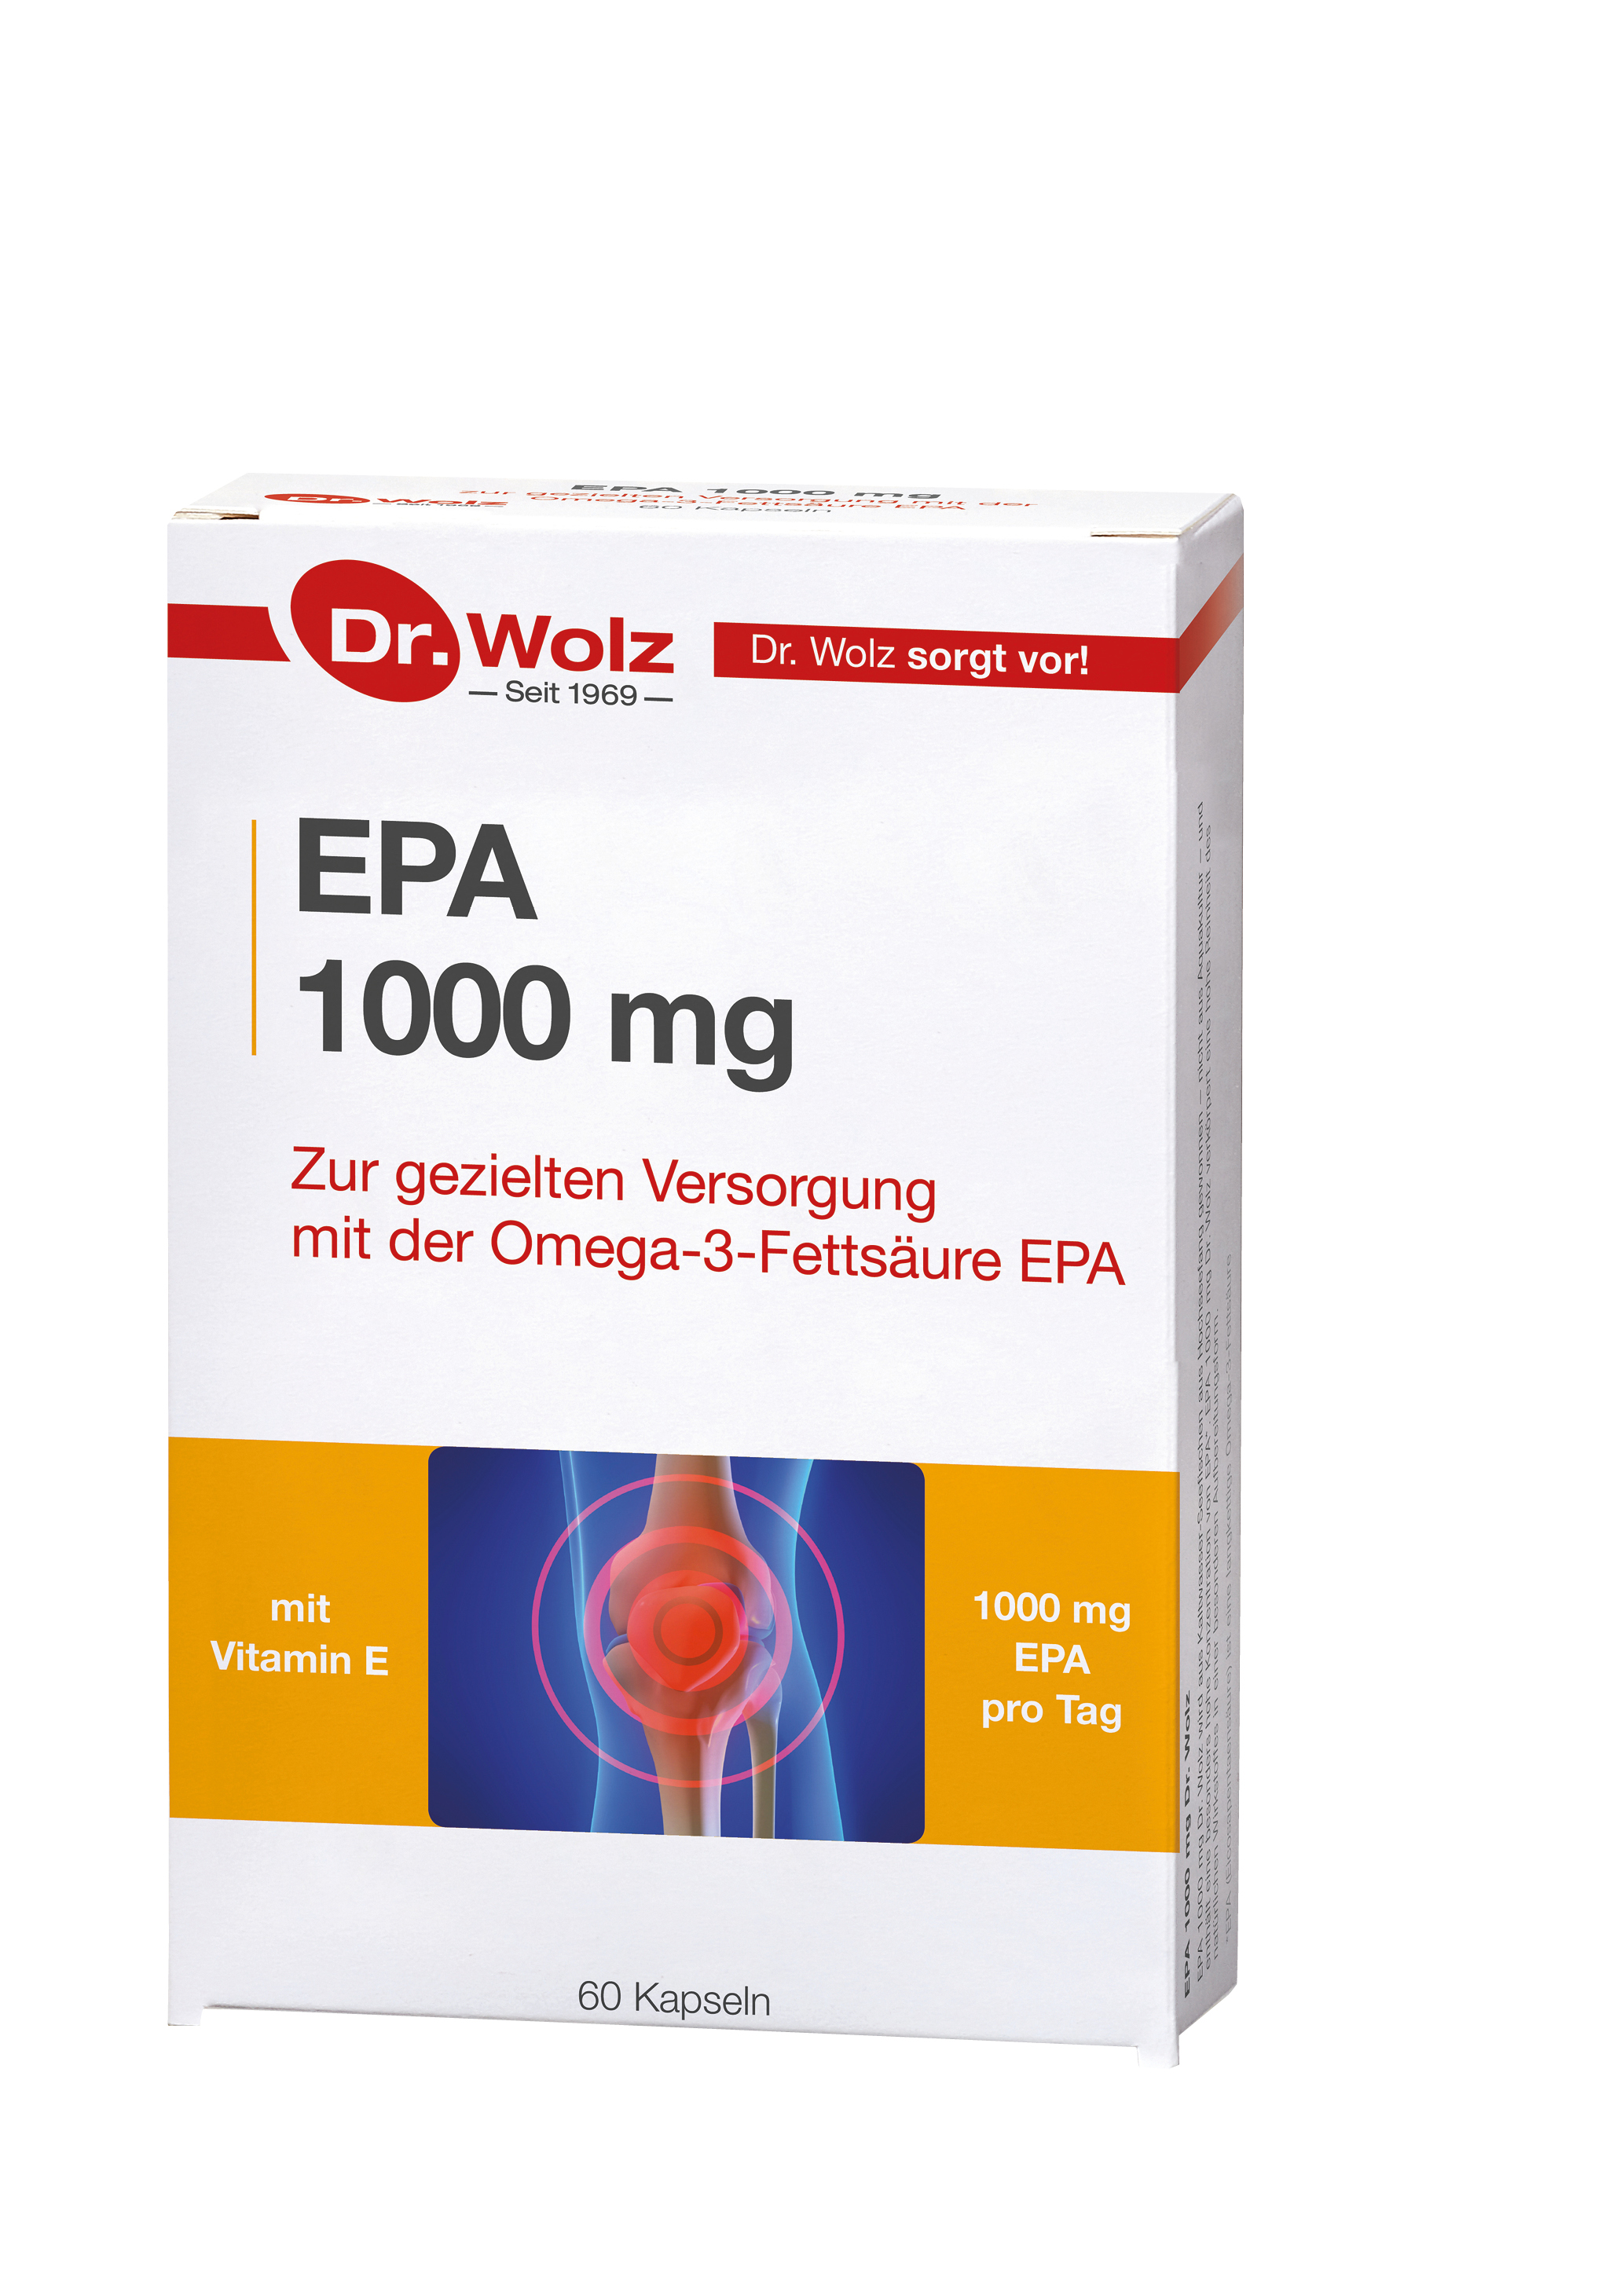 Vorschaubild: EPA 1000 mg